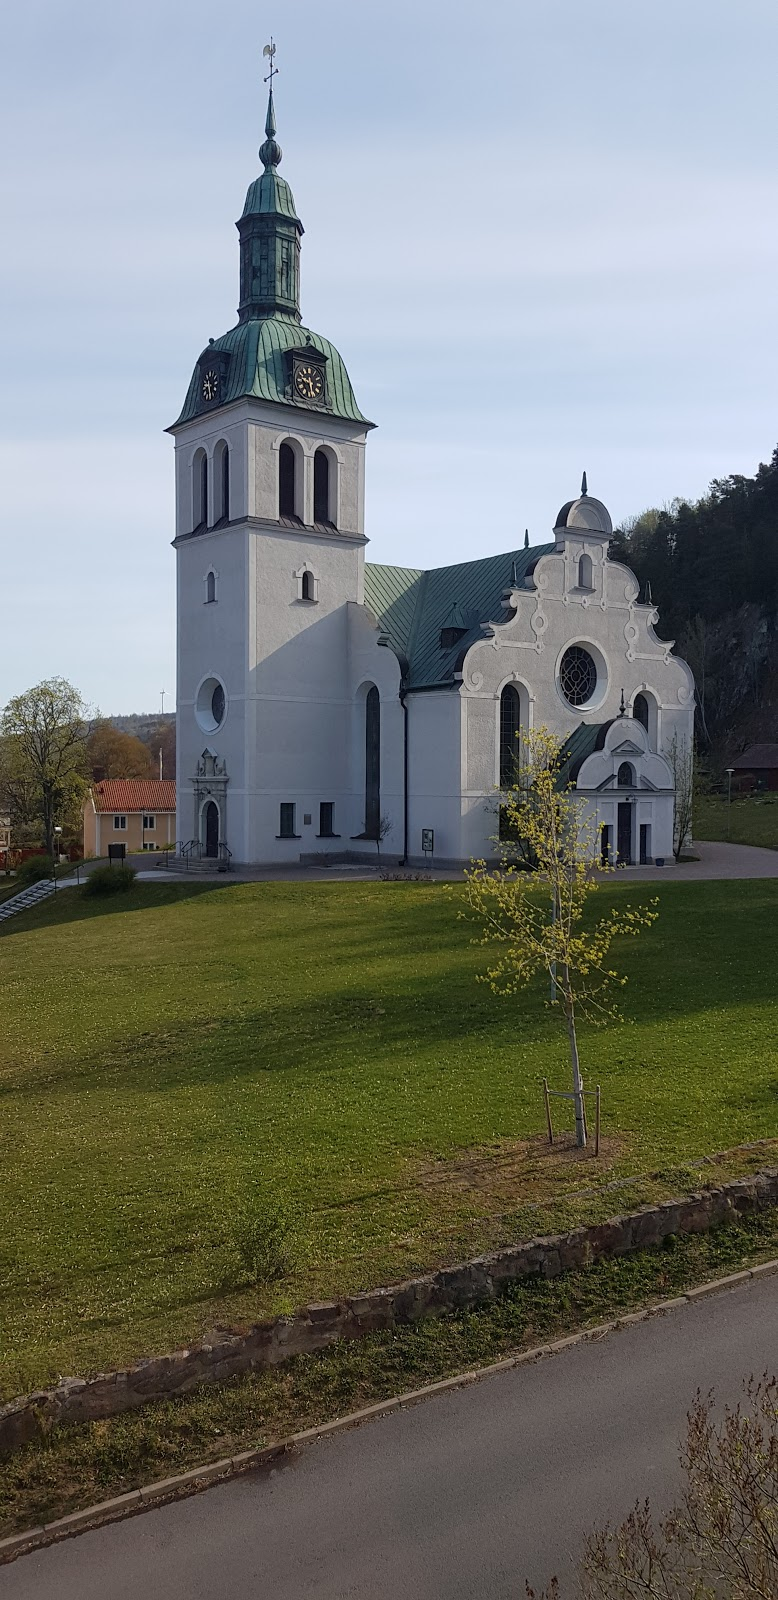 Örserums kyrka